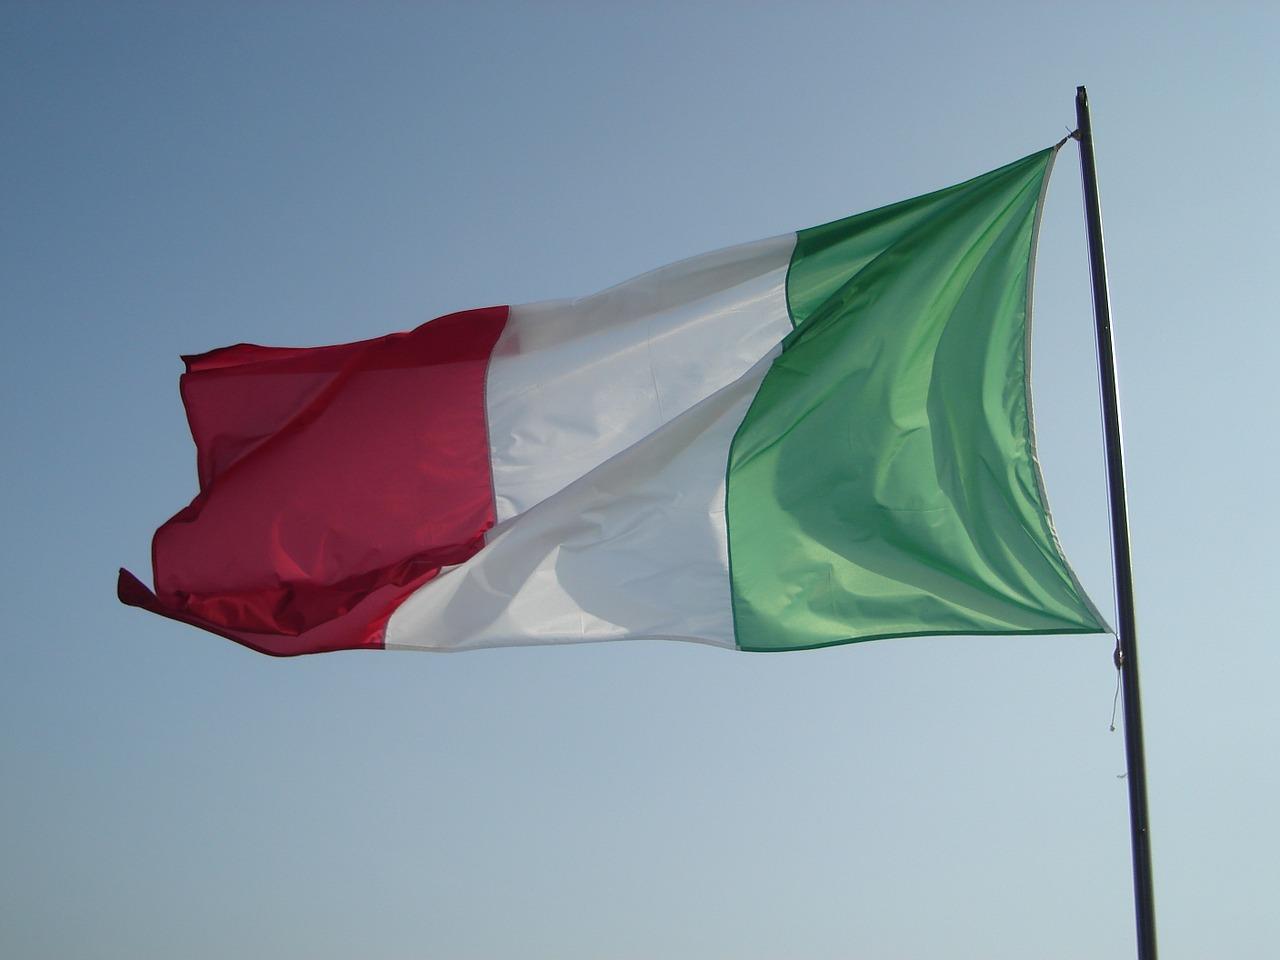 bandiera italiana 2 giugno